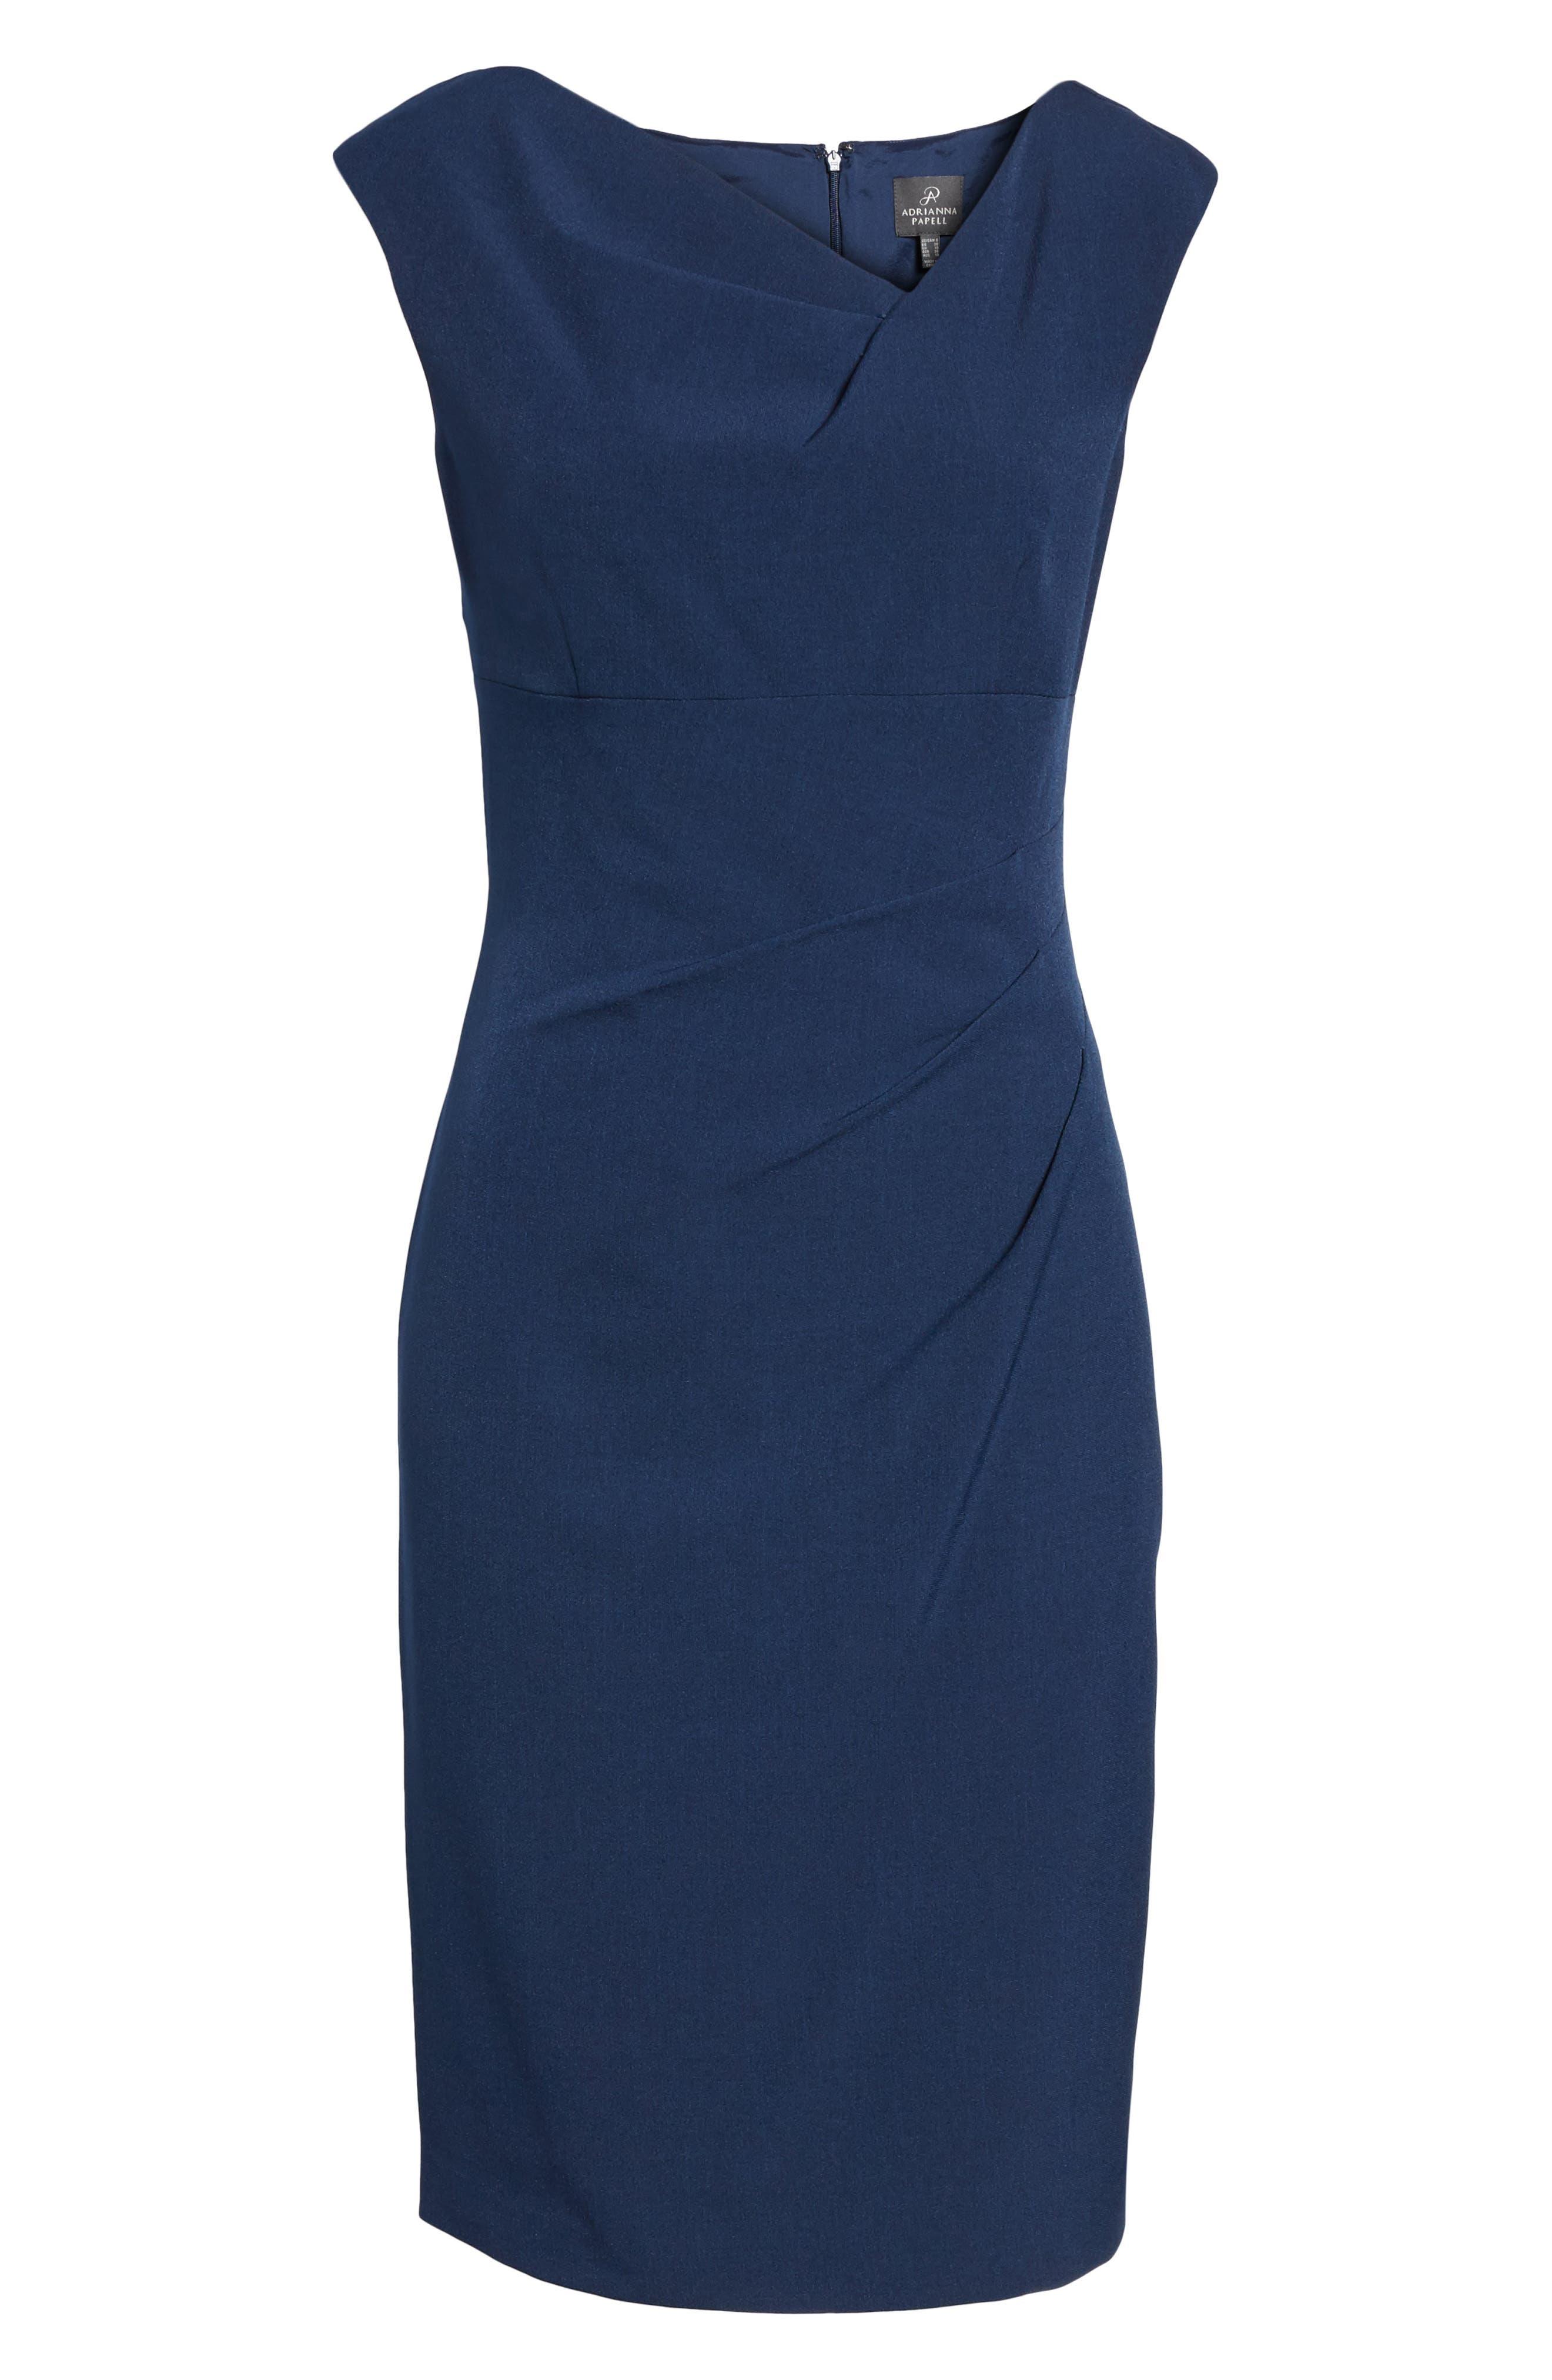 Drape Neck Crepe Sheath Dress,                             Main thumbnail 1, color,                             401